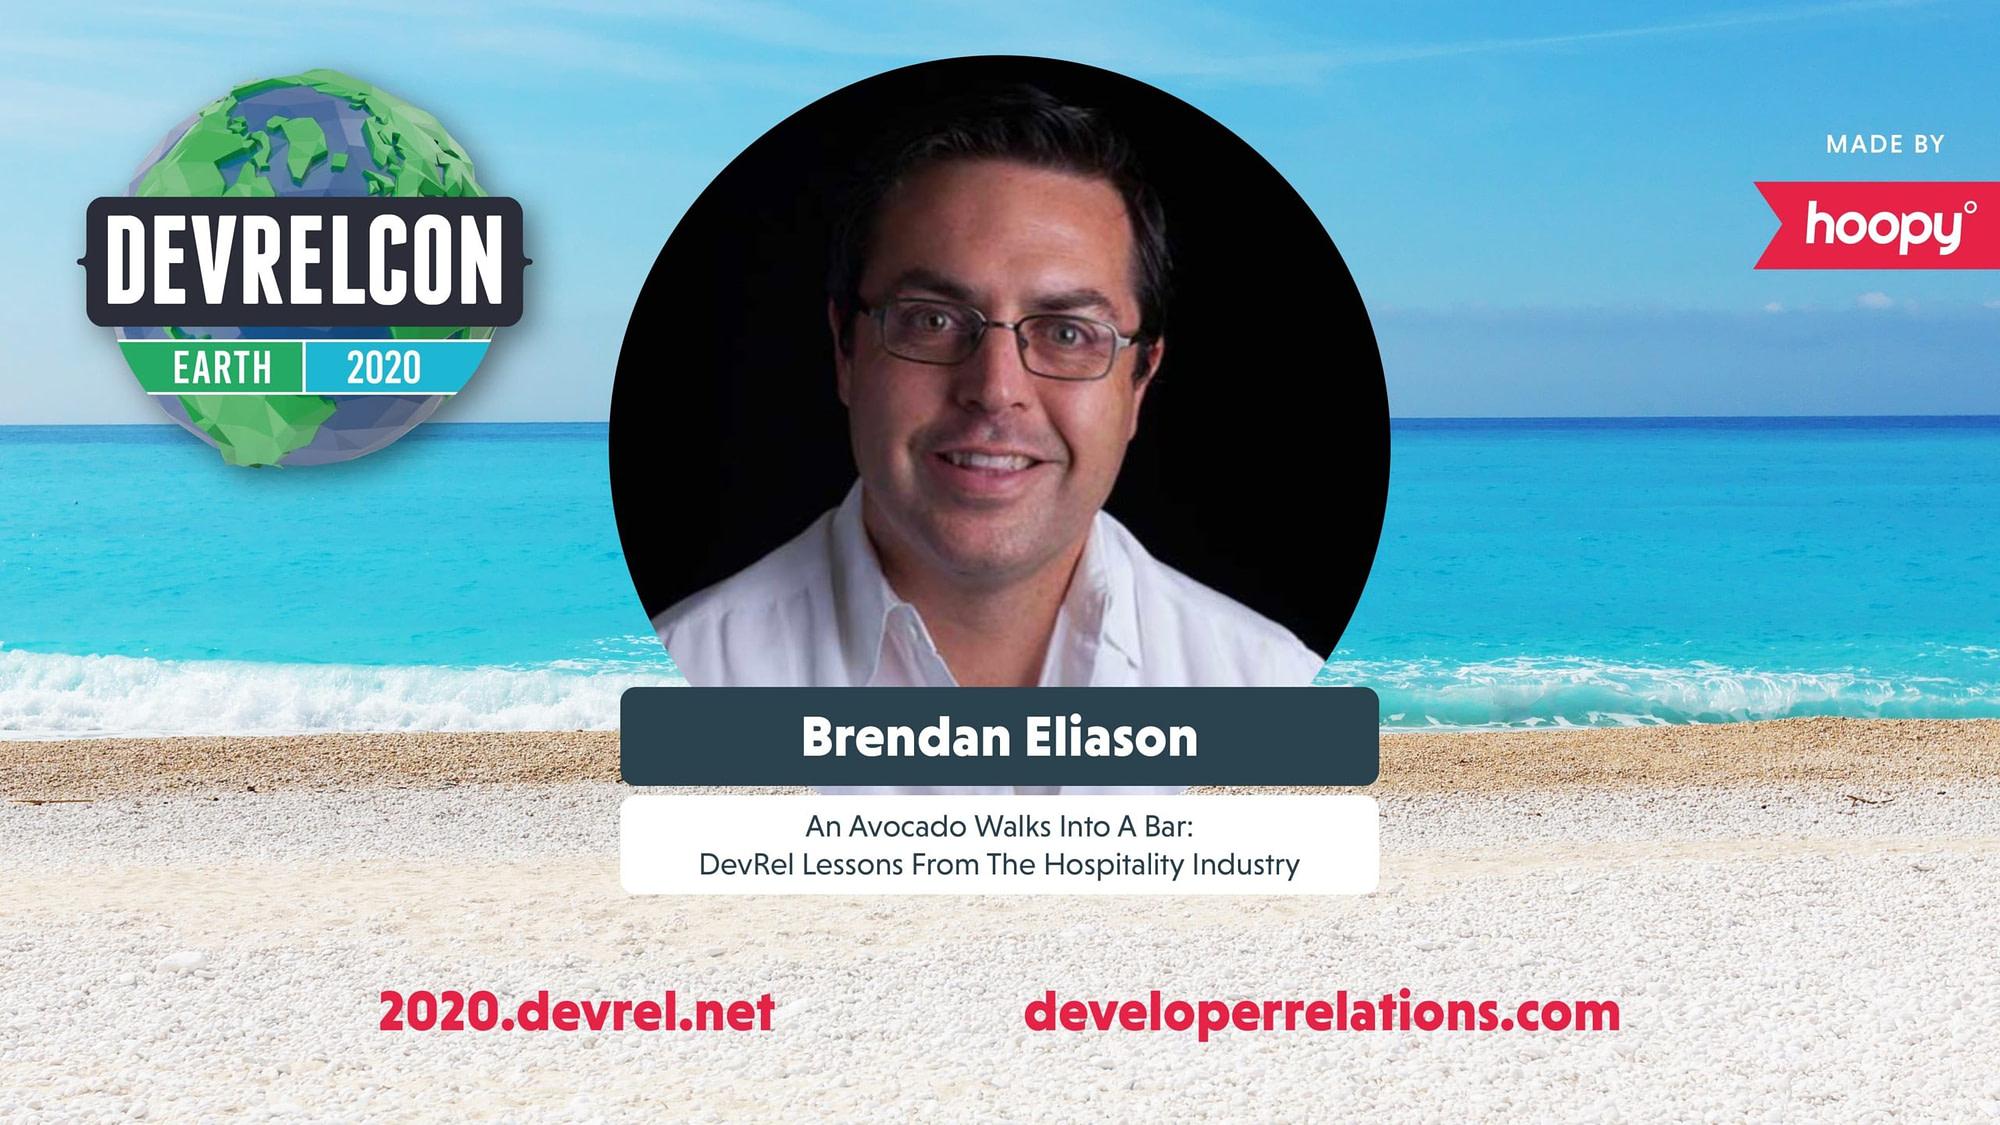 Brendan Eliason